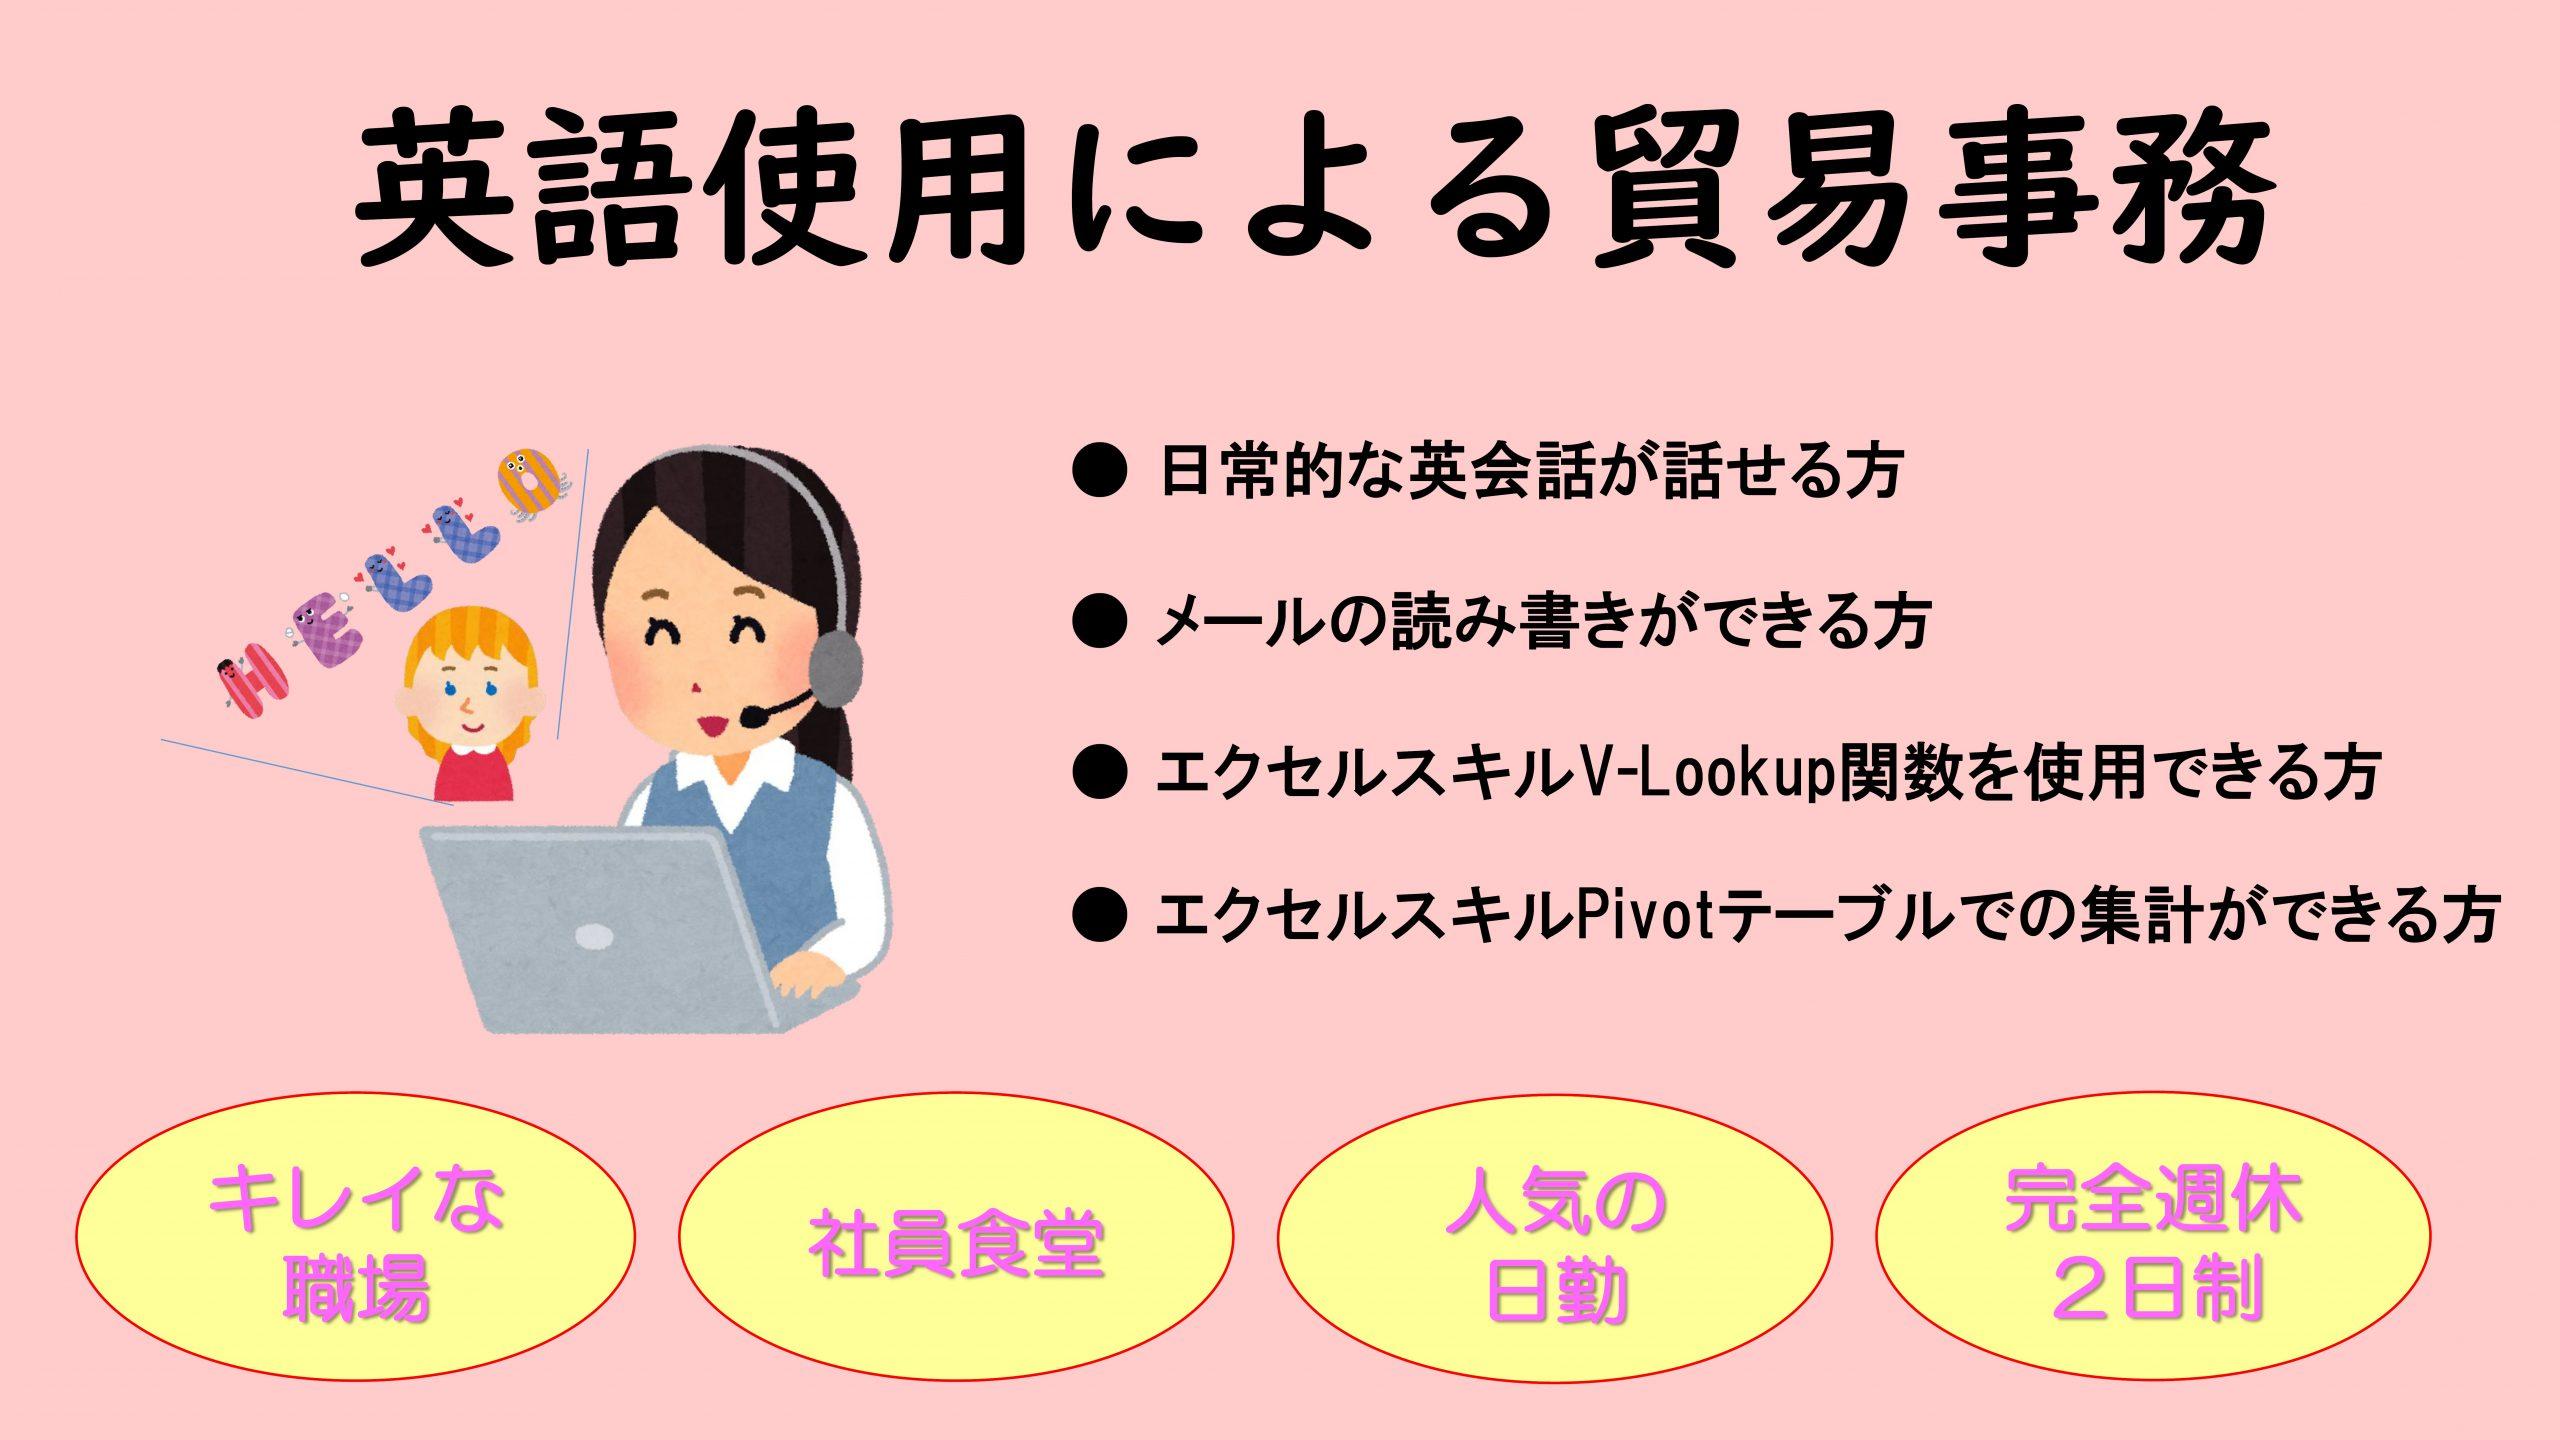 【酒田市】英語使用による事務業務(資料作成、打合せ・メール対応)